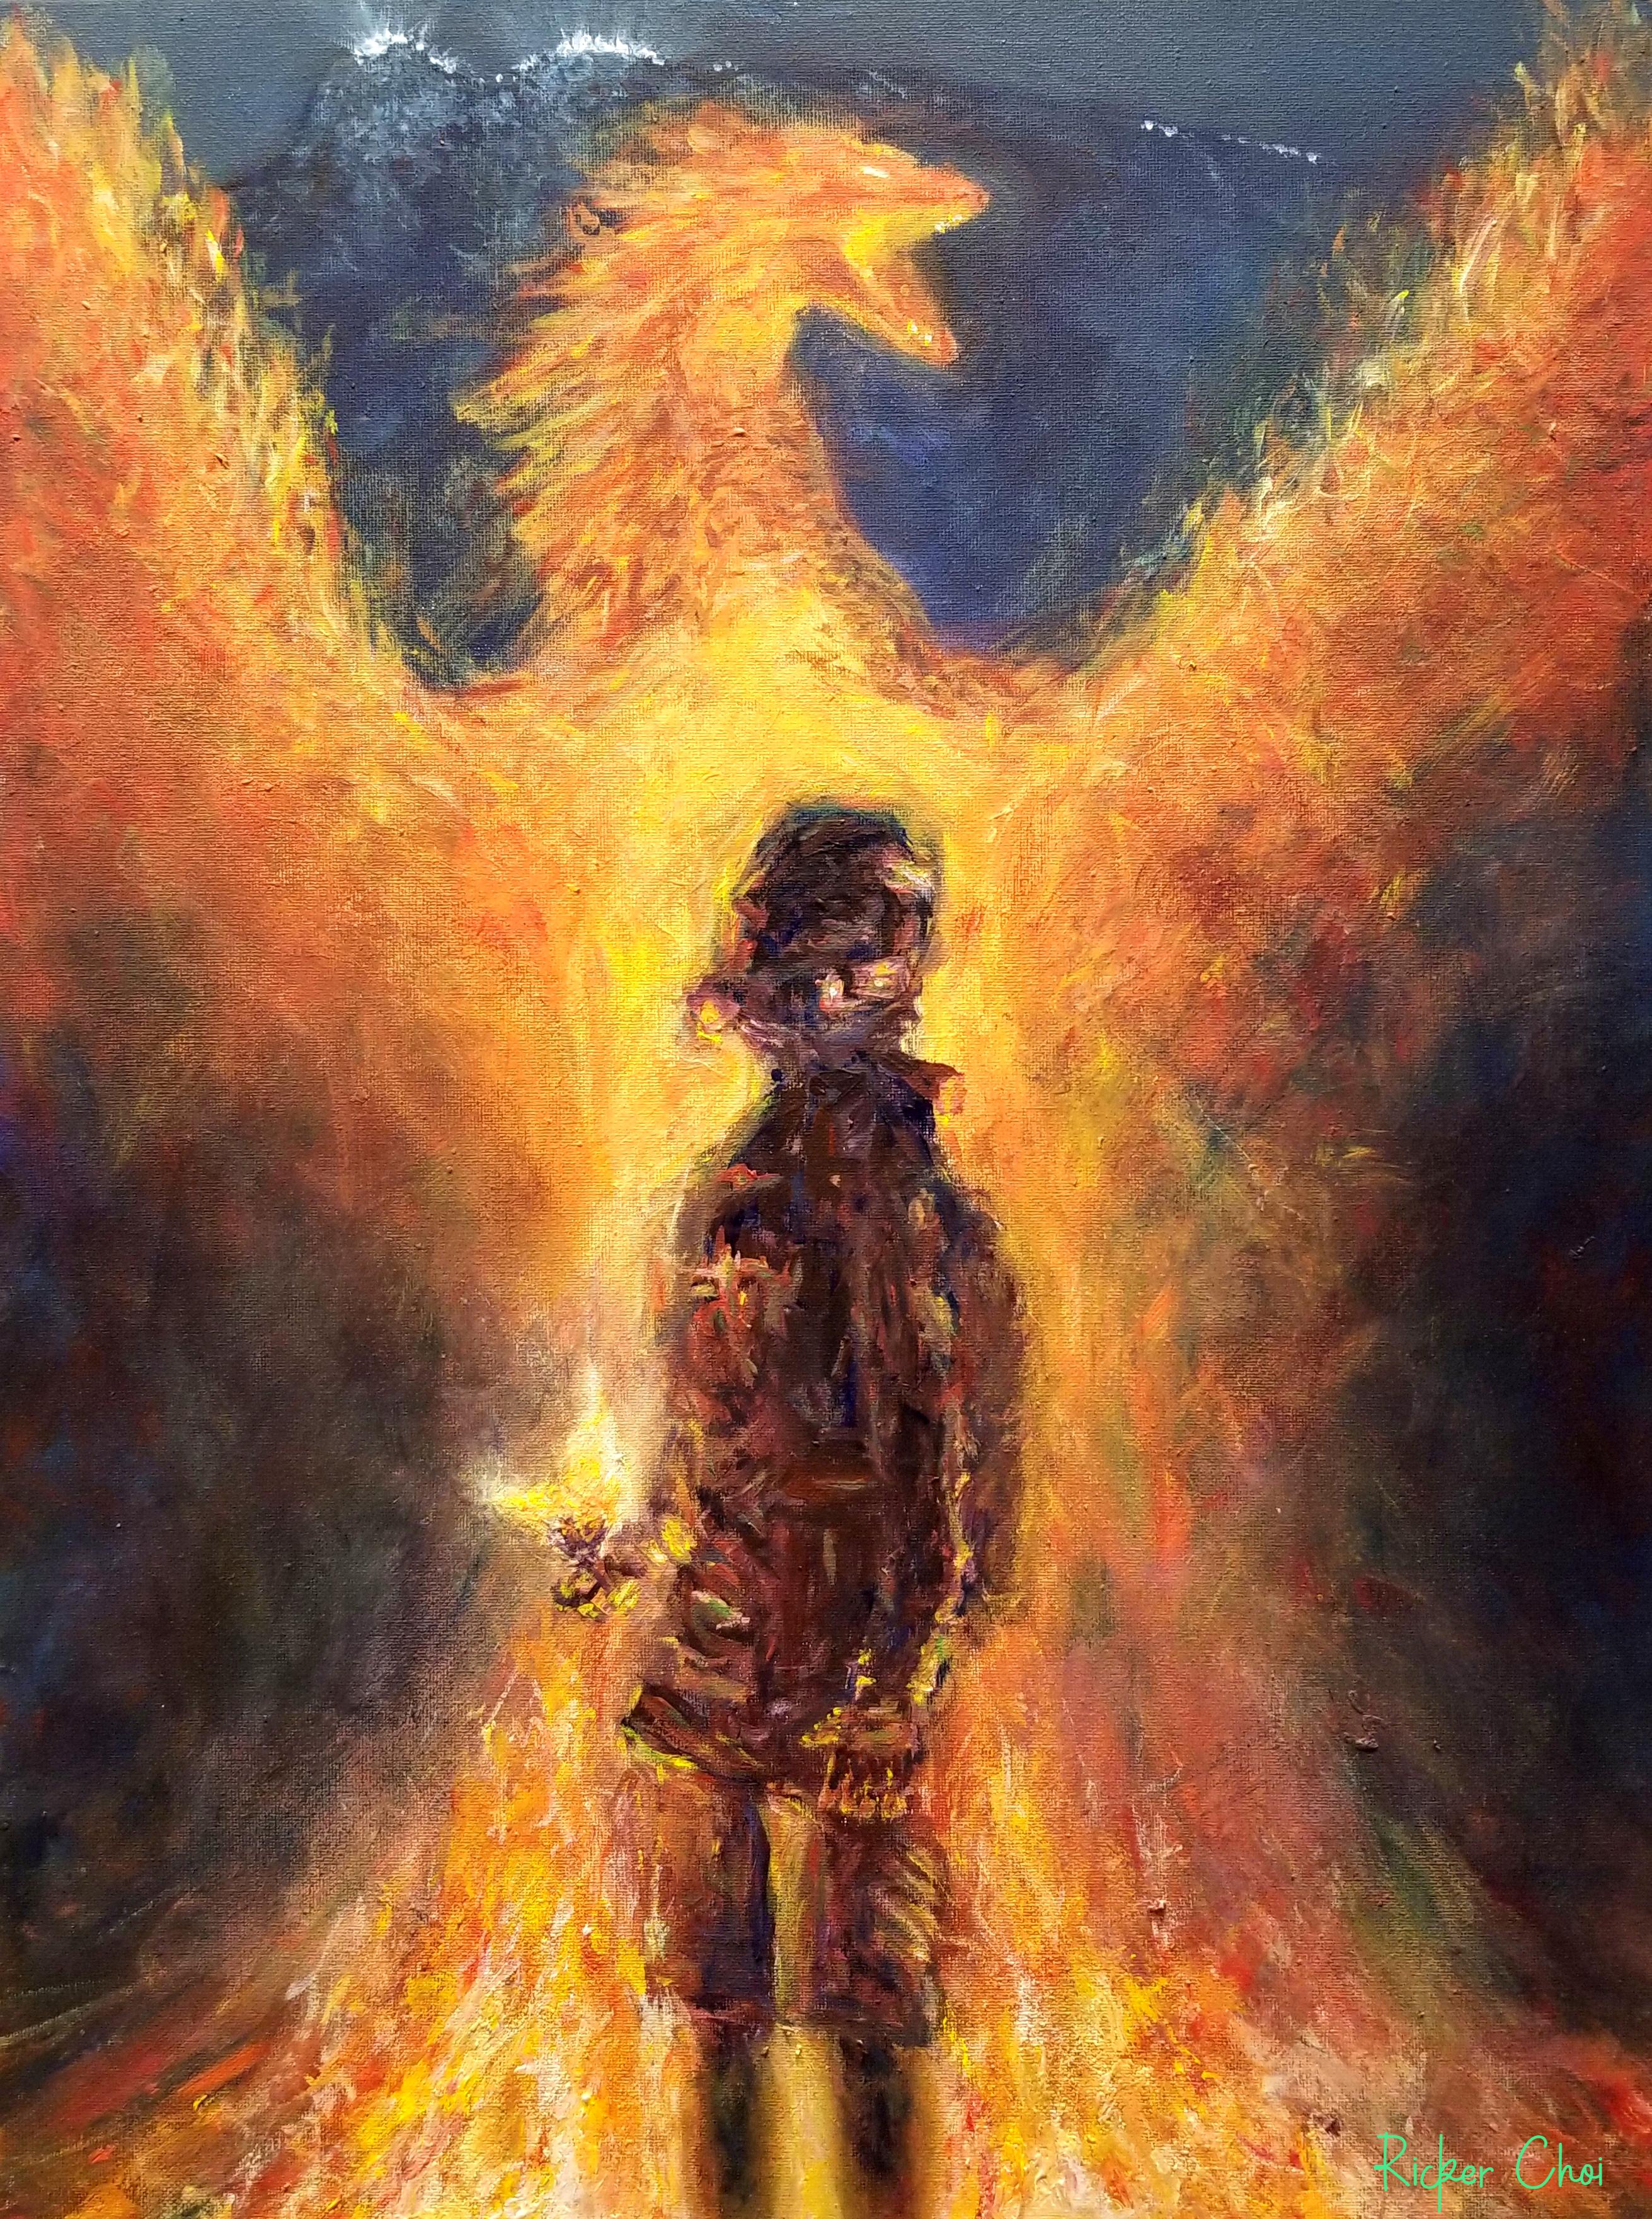 Phoenixism